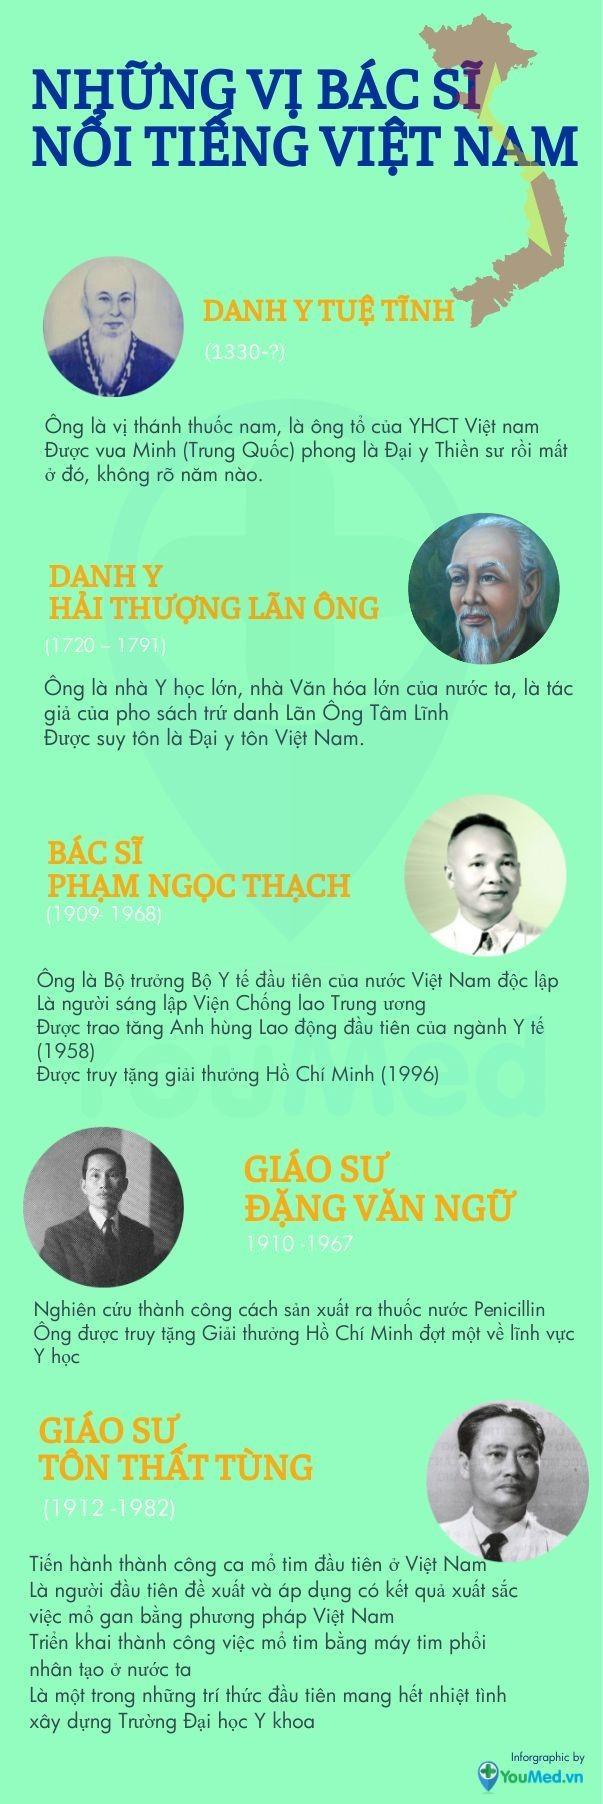 Những vị danh y nổi tiếng tại Việt Nam và trên thế giới 1